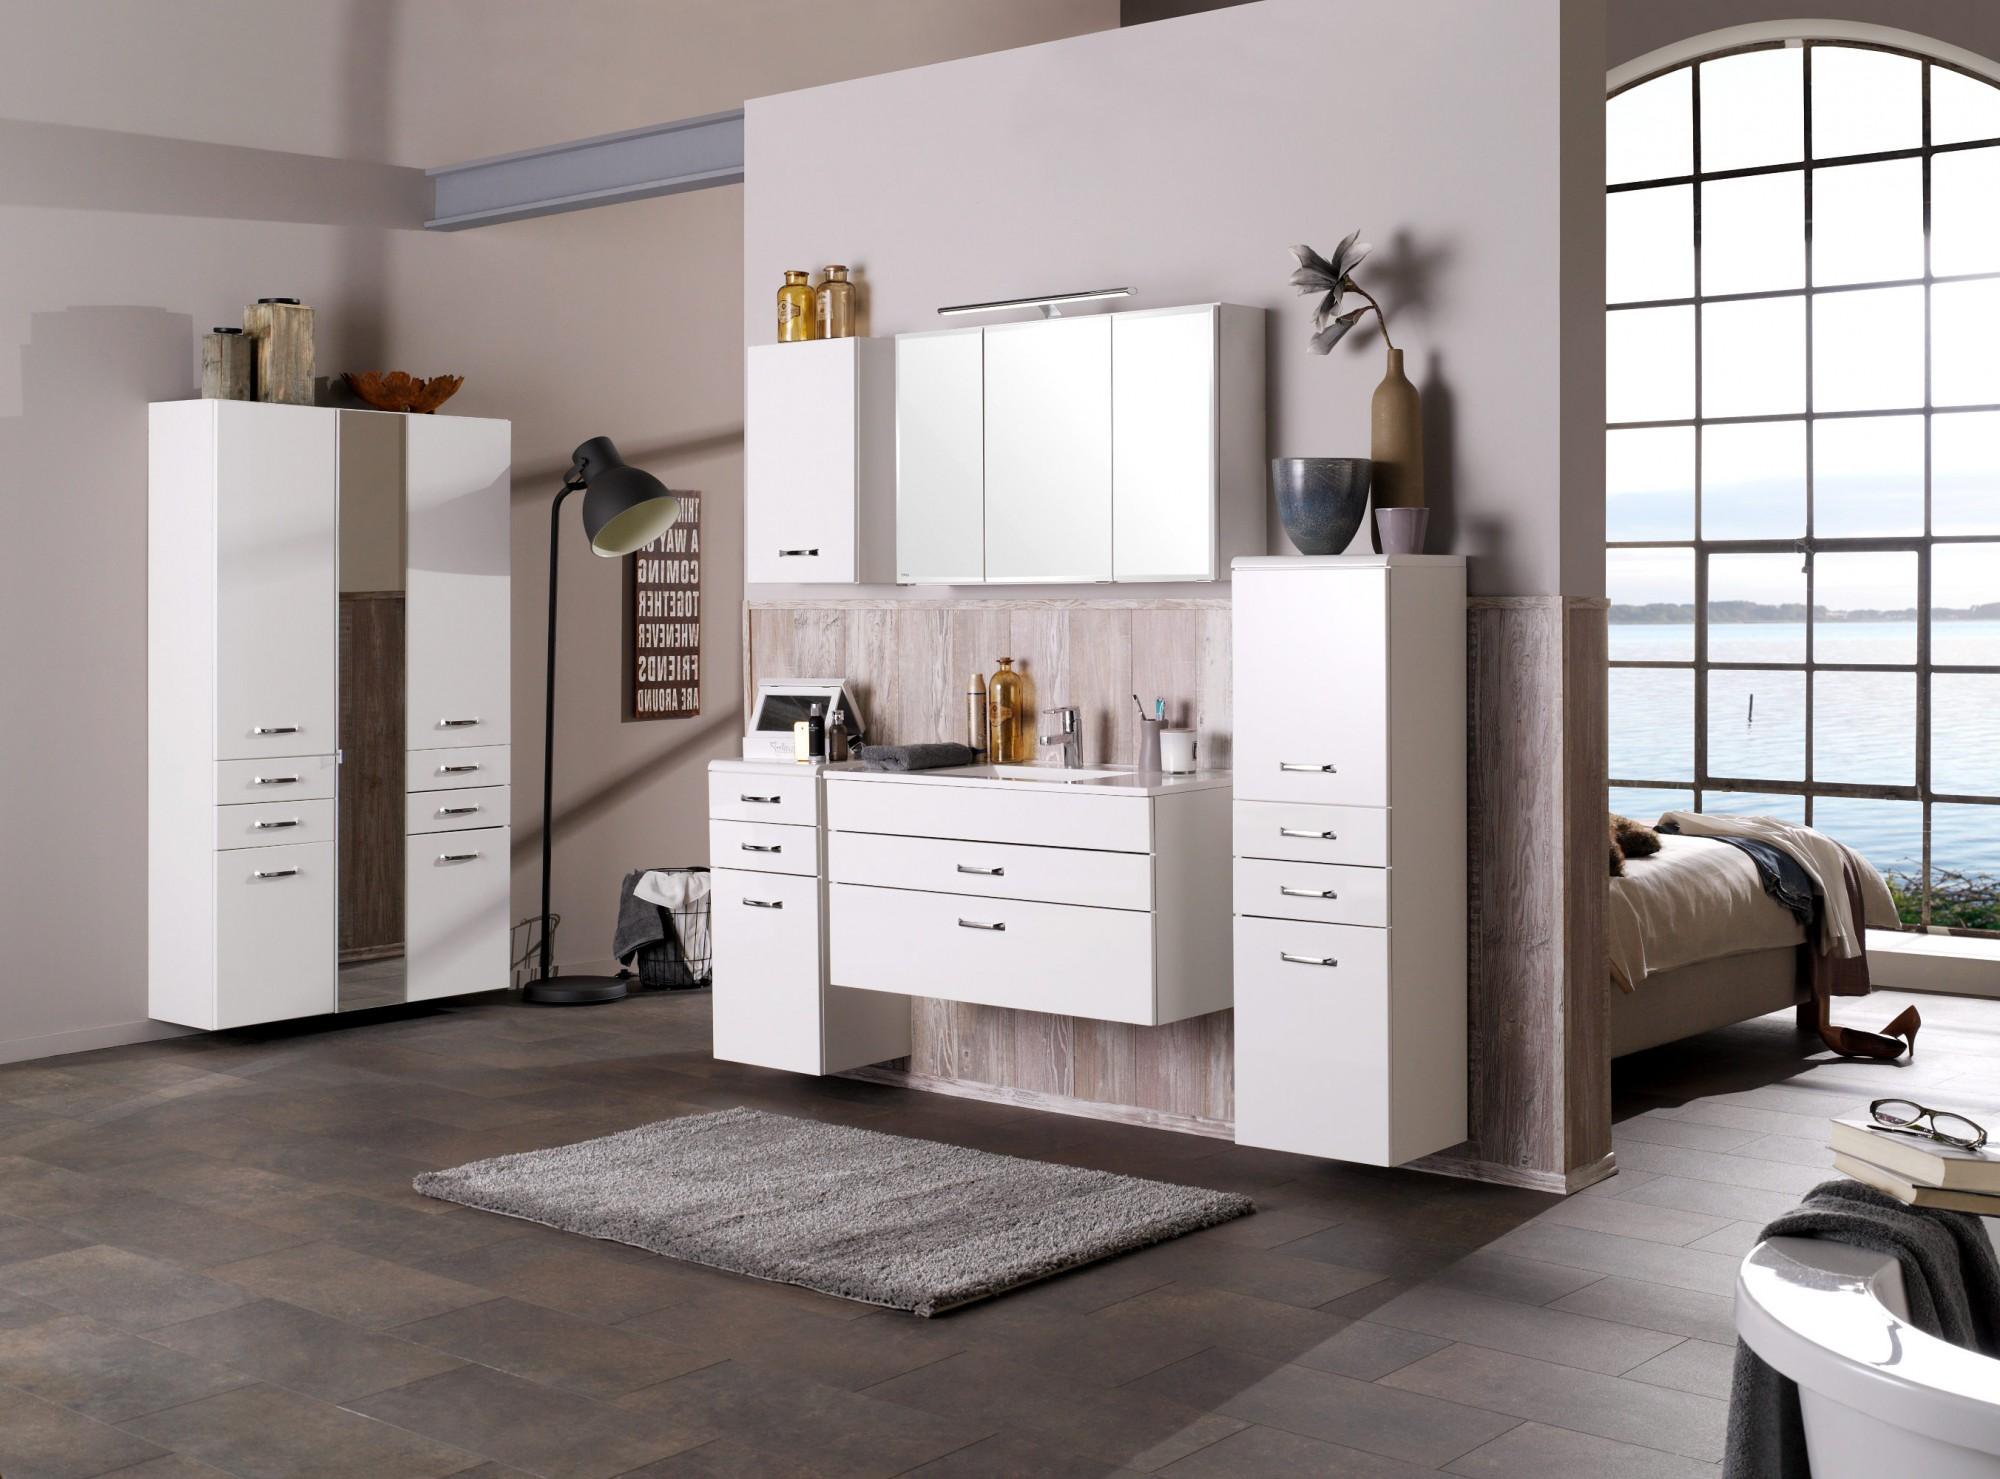 bad waschtisch fontana 1 schubkasten 1 auszug 80 cm breit hochglanz wei bad fontana. Black Bedroom Furniture Sets. Home Design Ideas